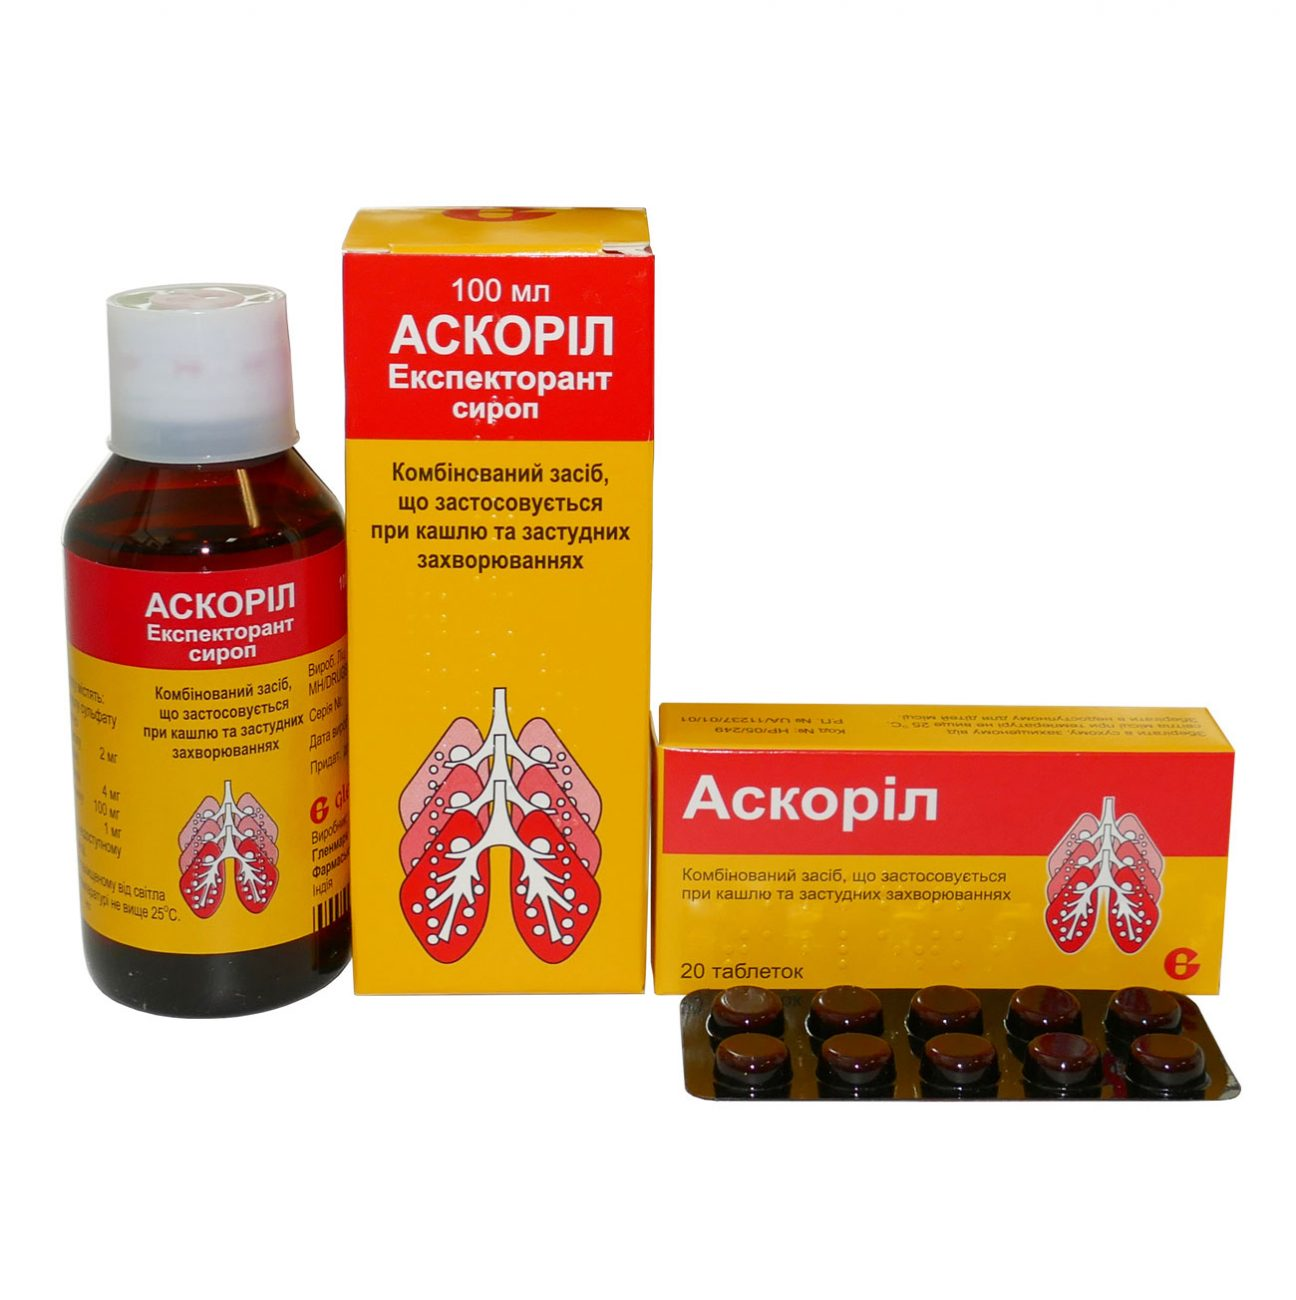 Что лучше: сироп аскорил или таблетки аскорил?